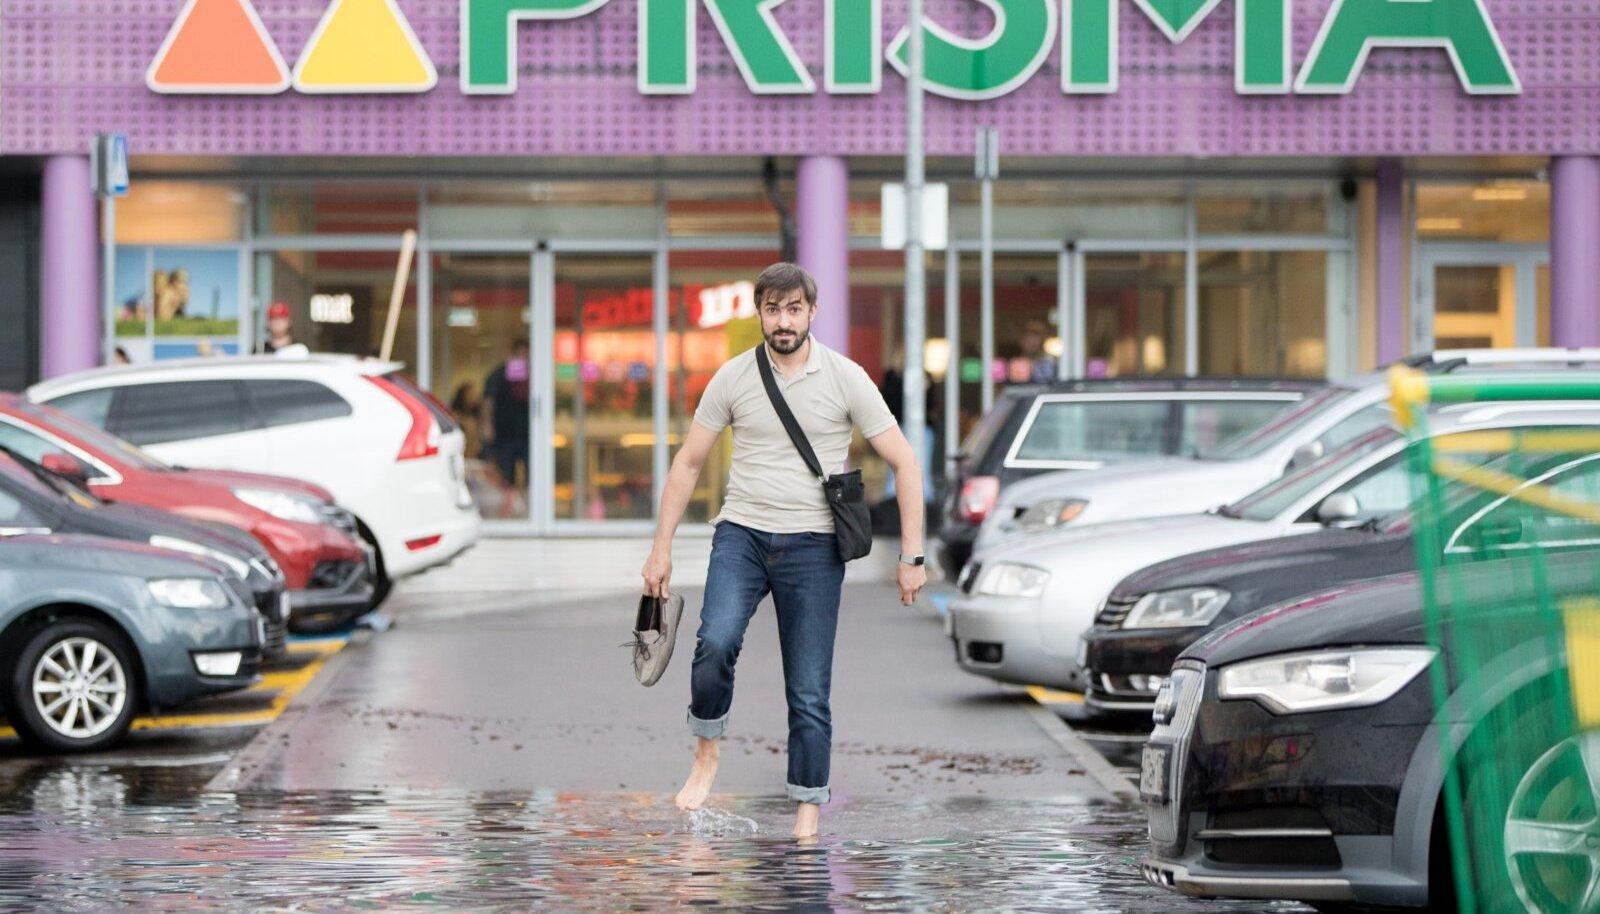 Tulevikus on linnades aina suurem üleujutuste oht, tänased sademevee kanalisatsiooni süsteemid jäävad suurte vihmahoogude korral vajaka.